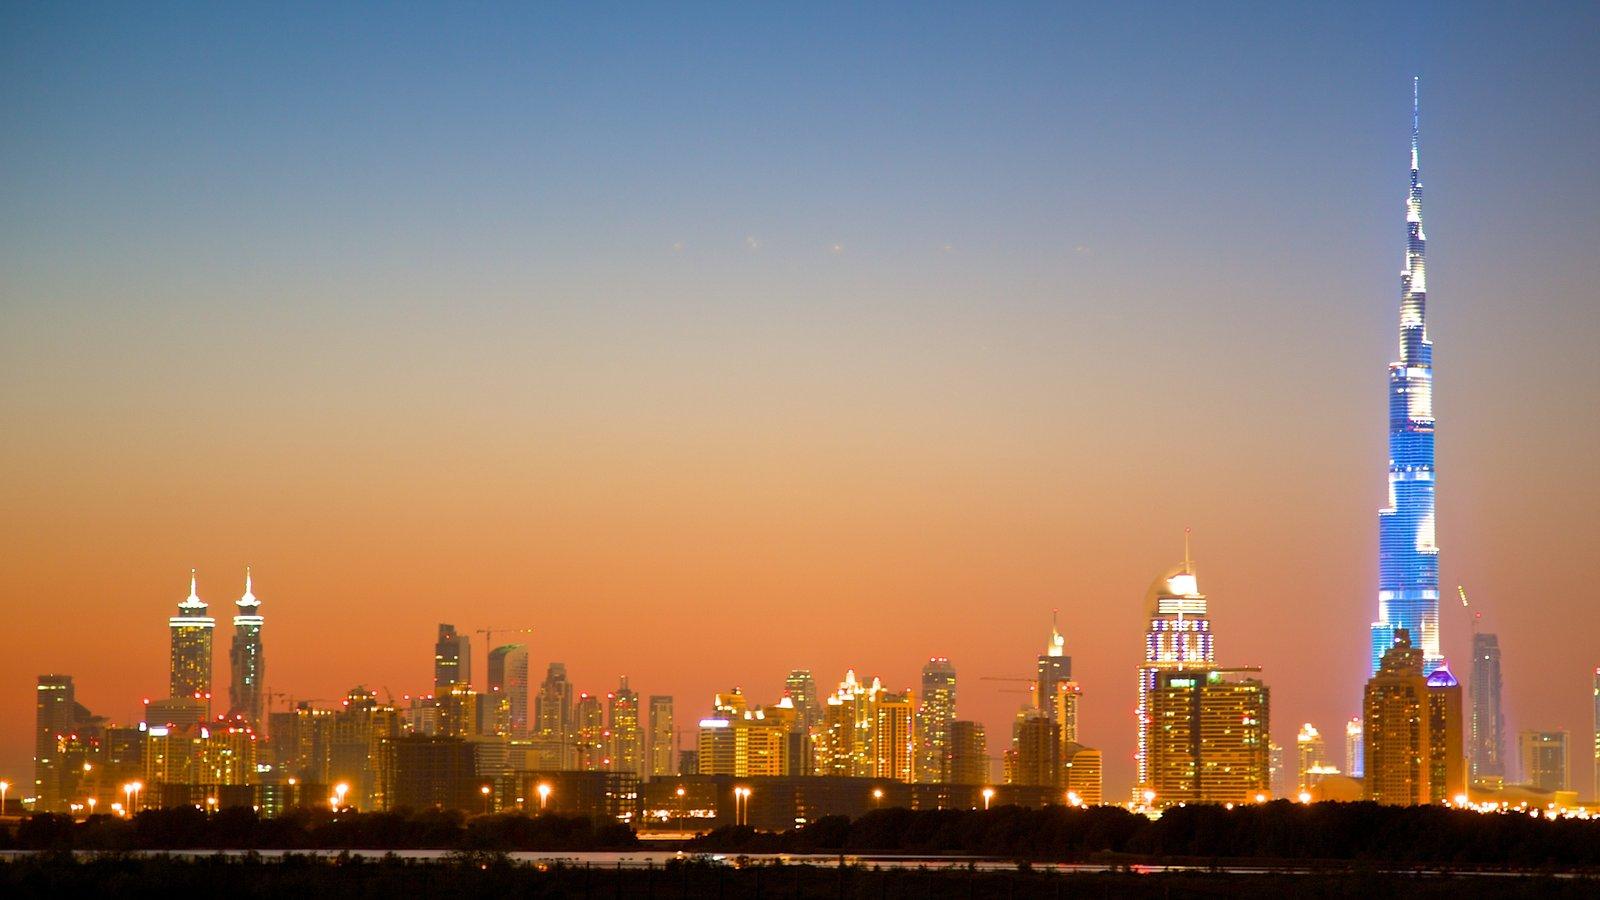 Burj Khalifa ofreciendo un edificio de gran altura, arquitectura moderna y una ciudad